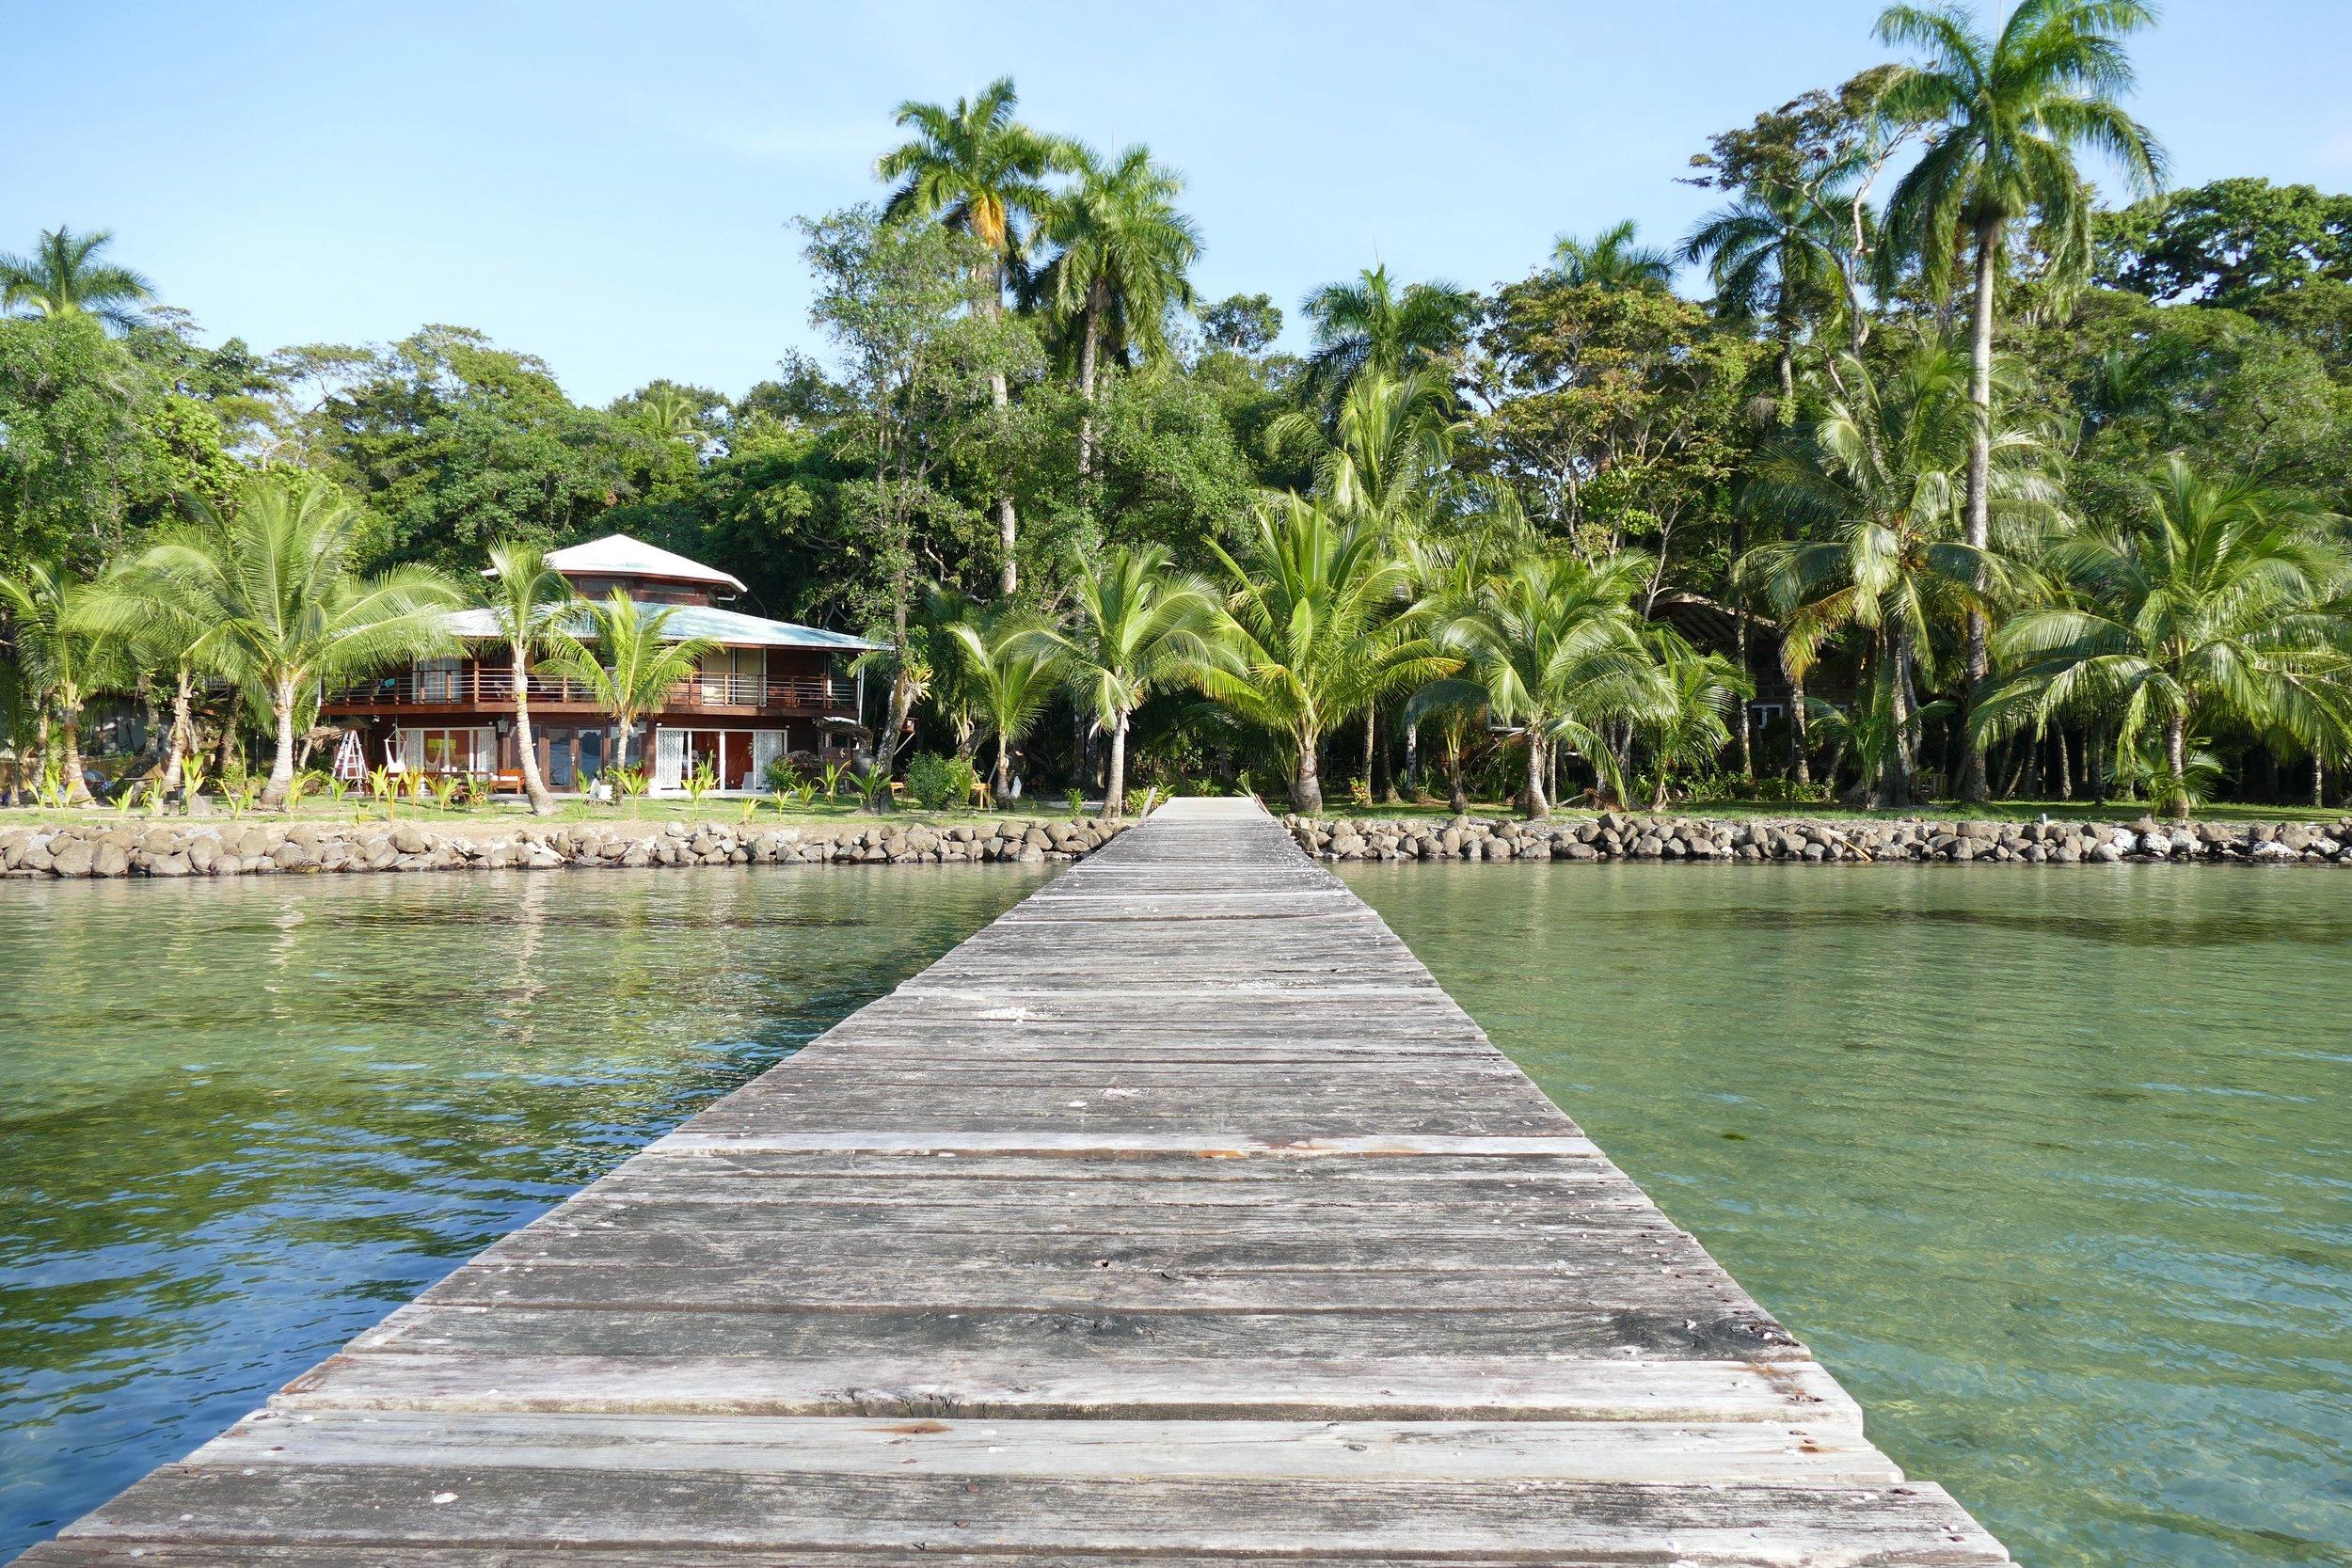 Arrivée à Casa del Mar, Carenero, Bocas del Toro